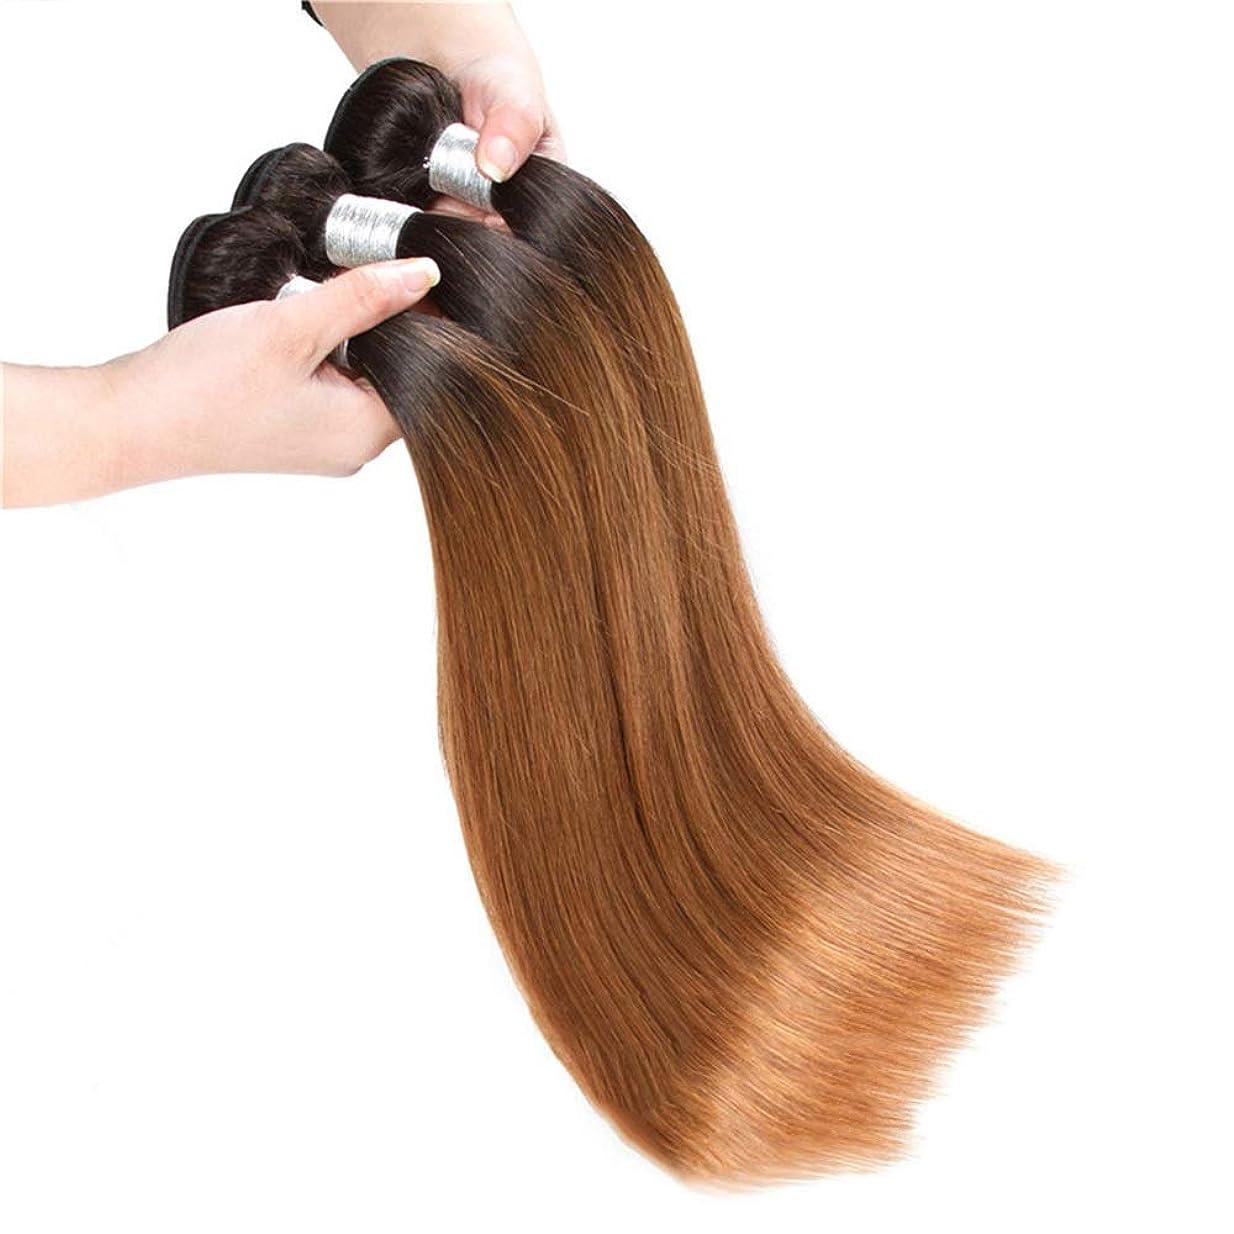 擁する文字通り狂ったBOBIDYEE ブラジルのオンブル髪織りバンドルストレート人間の髪の毛の拡張子 - 1バンドル - 1B / 30ブラックトゥブラウン2トーンカラー(100g / PC)ロングストレートウィッグウィッグ (色 : ブラウン, サイズ : 16 inch)